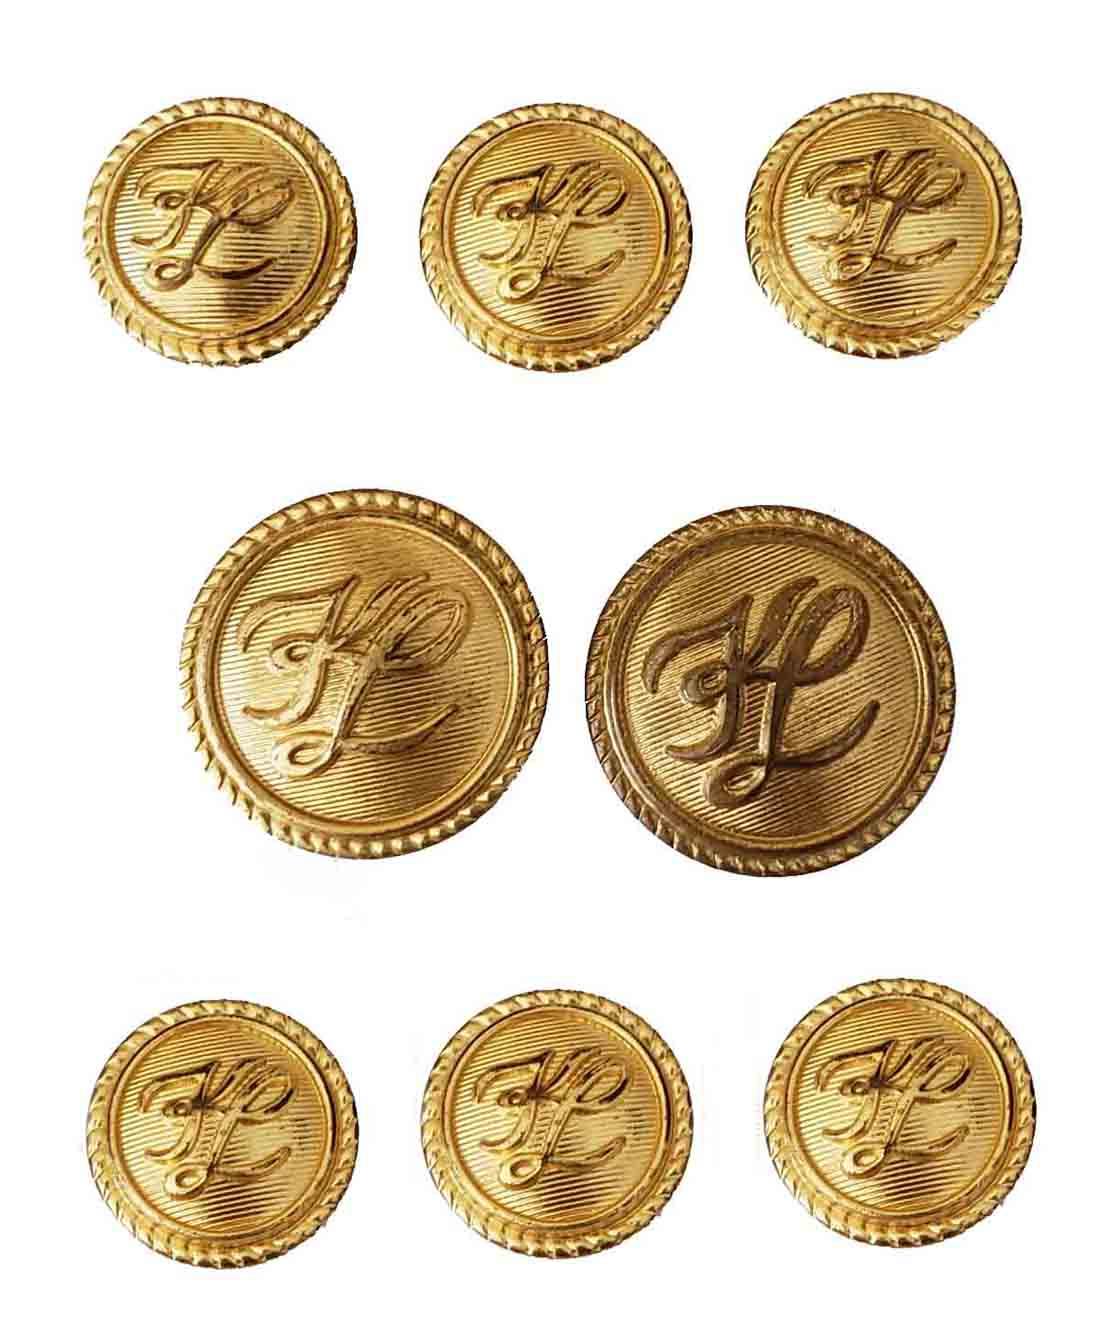 Vintage Karl Lagerfeld by Waterbury Blazer Buttons Set Gold Brass Shank KL Monogram Men's